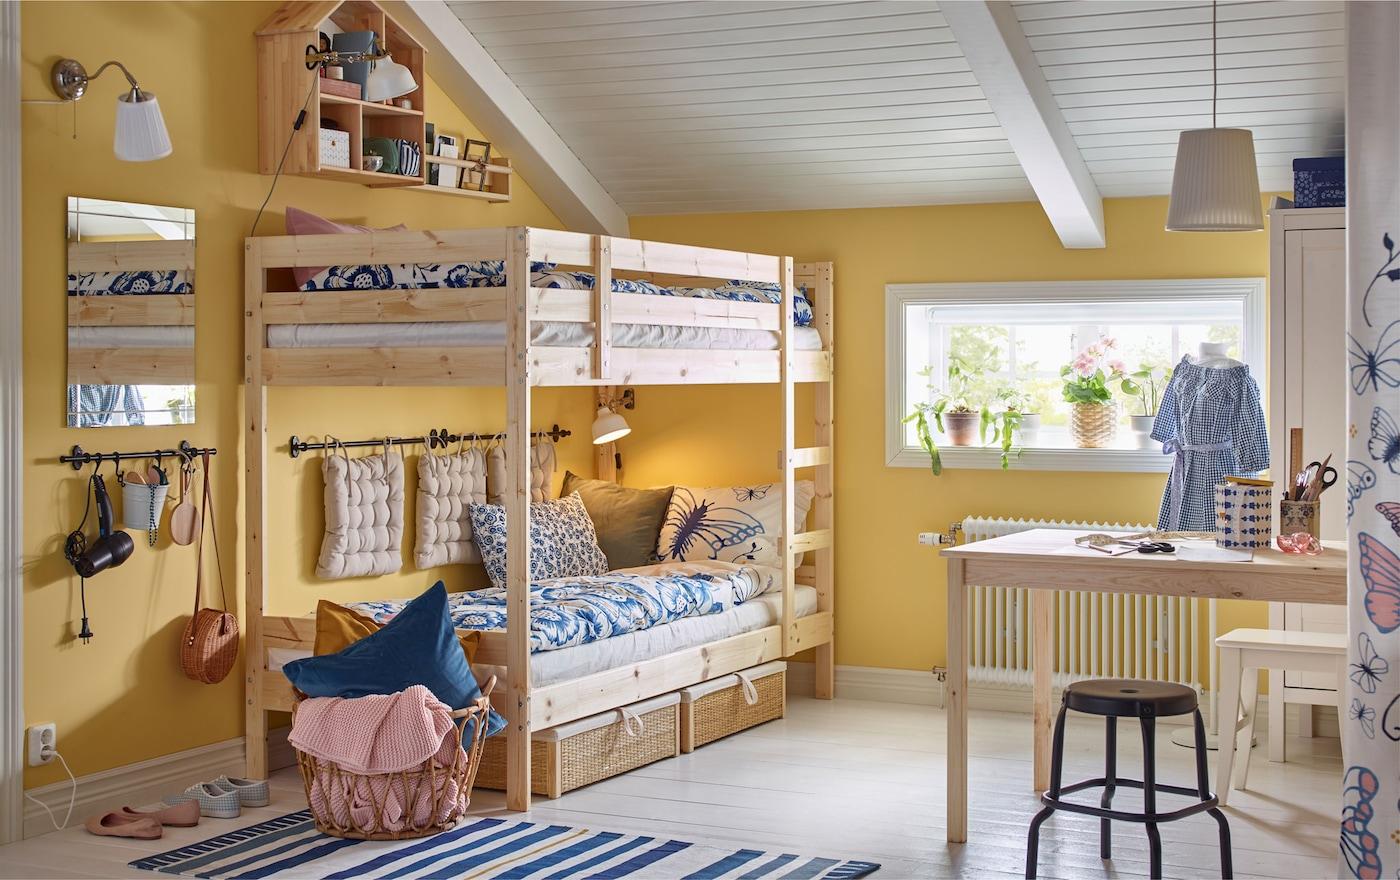 Etagenbett Kleines Kinderzimmer : Kinderzimmer inspirationen für dein zuhause ikea